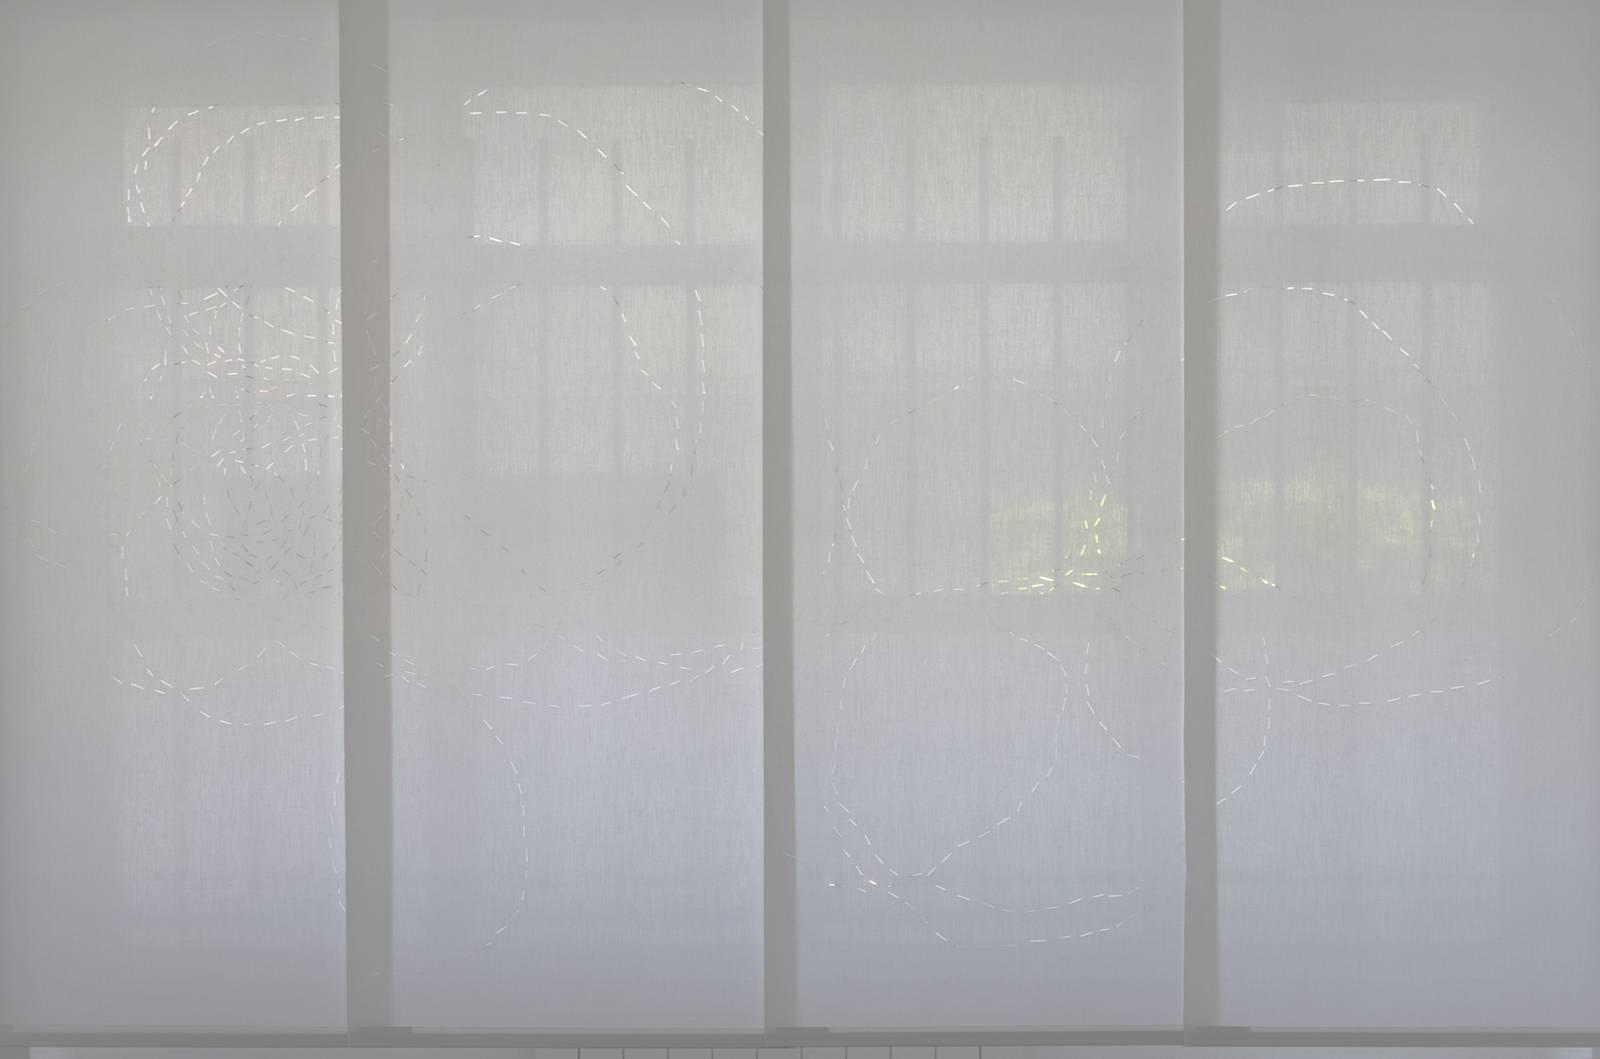 """Panneaux japonais translucides """"Chemin infini"""" - exemple de réalisation 3"""